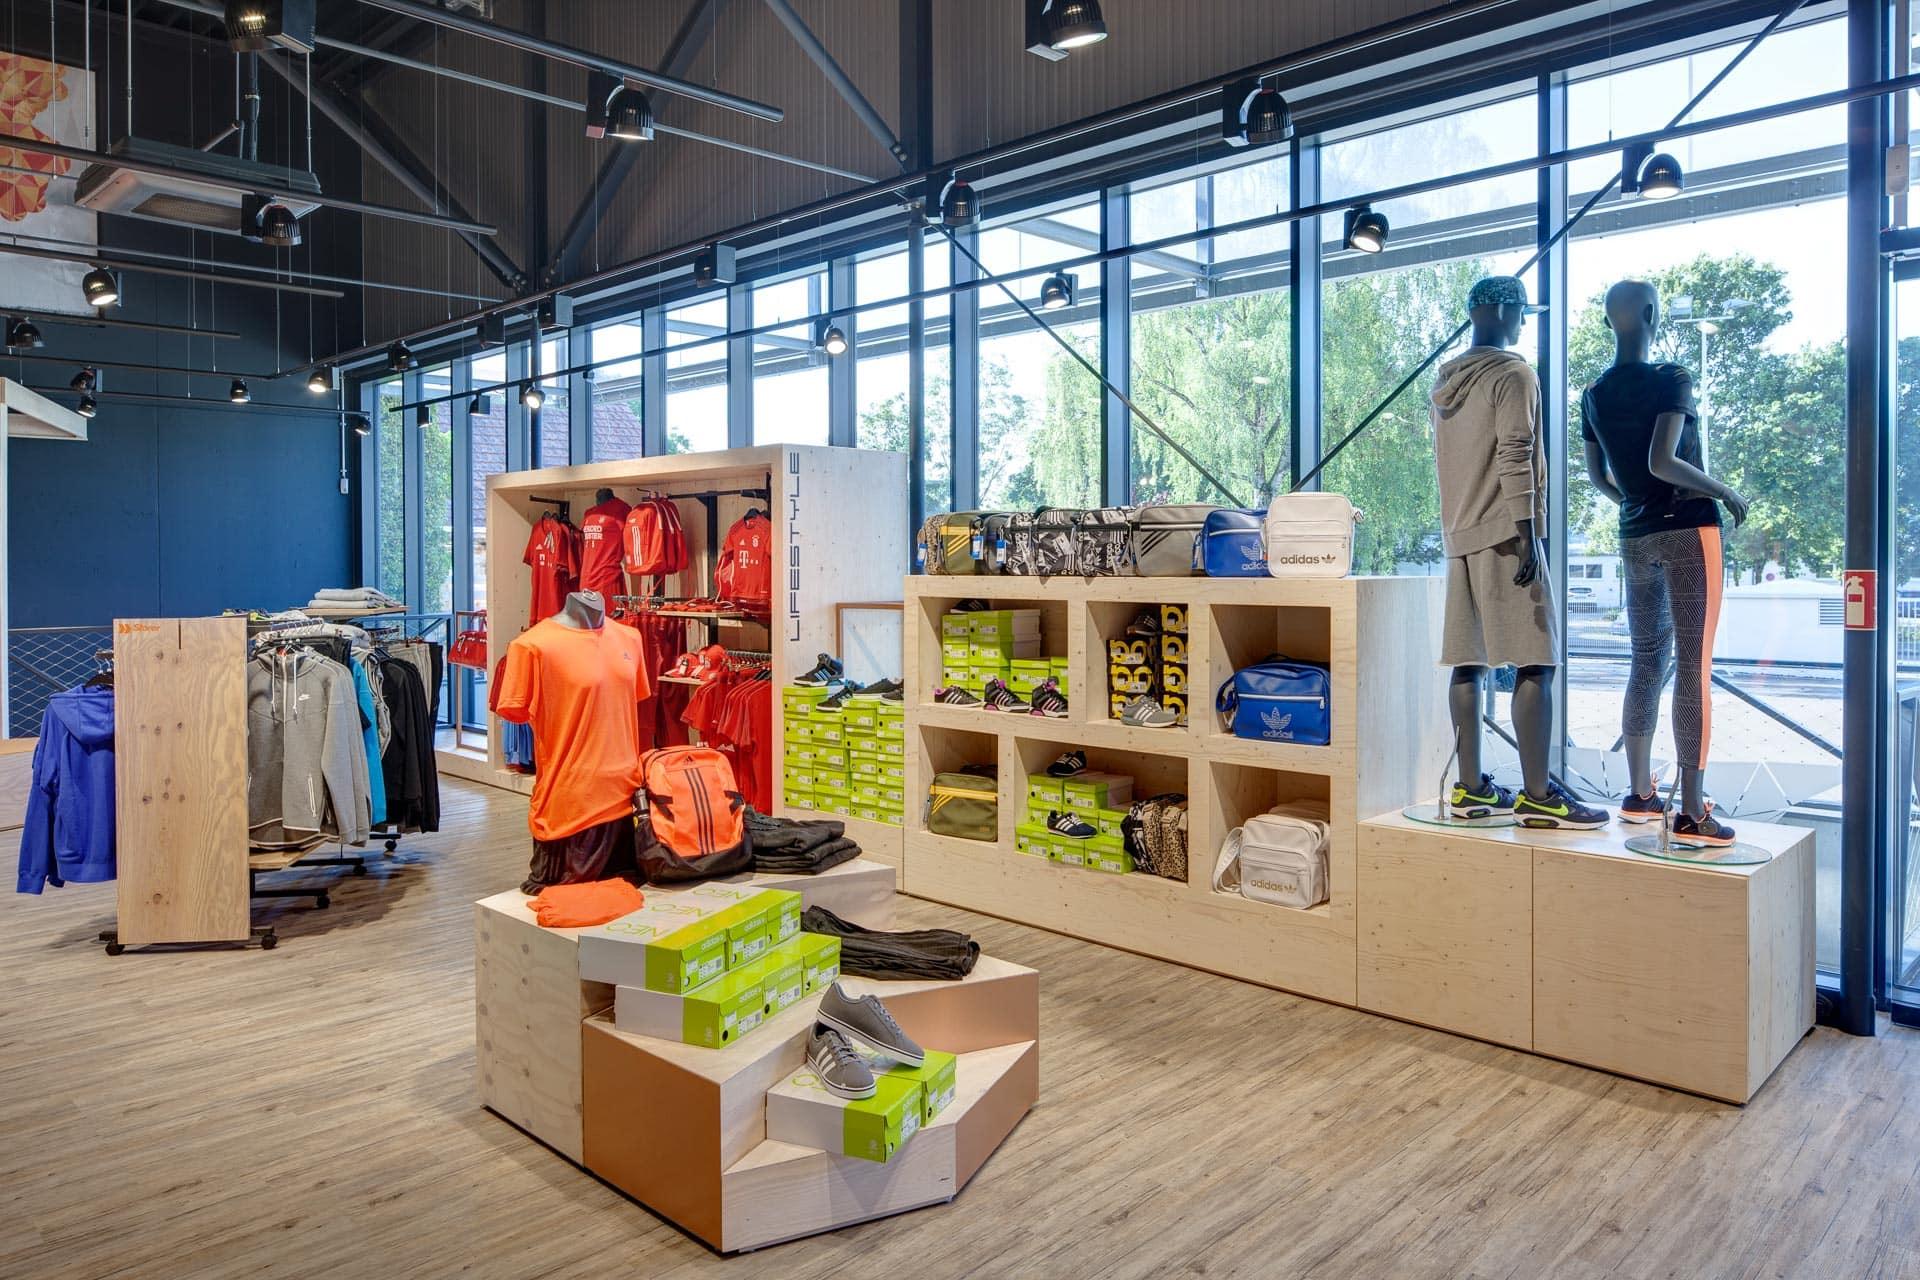 Architekturfotografie außen: Retailfotografie Bayern